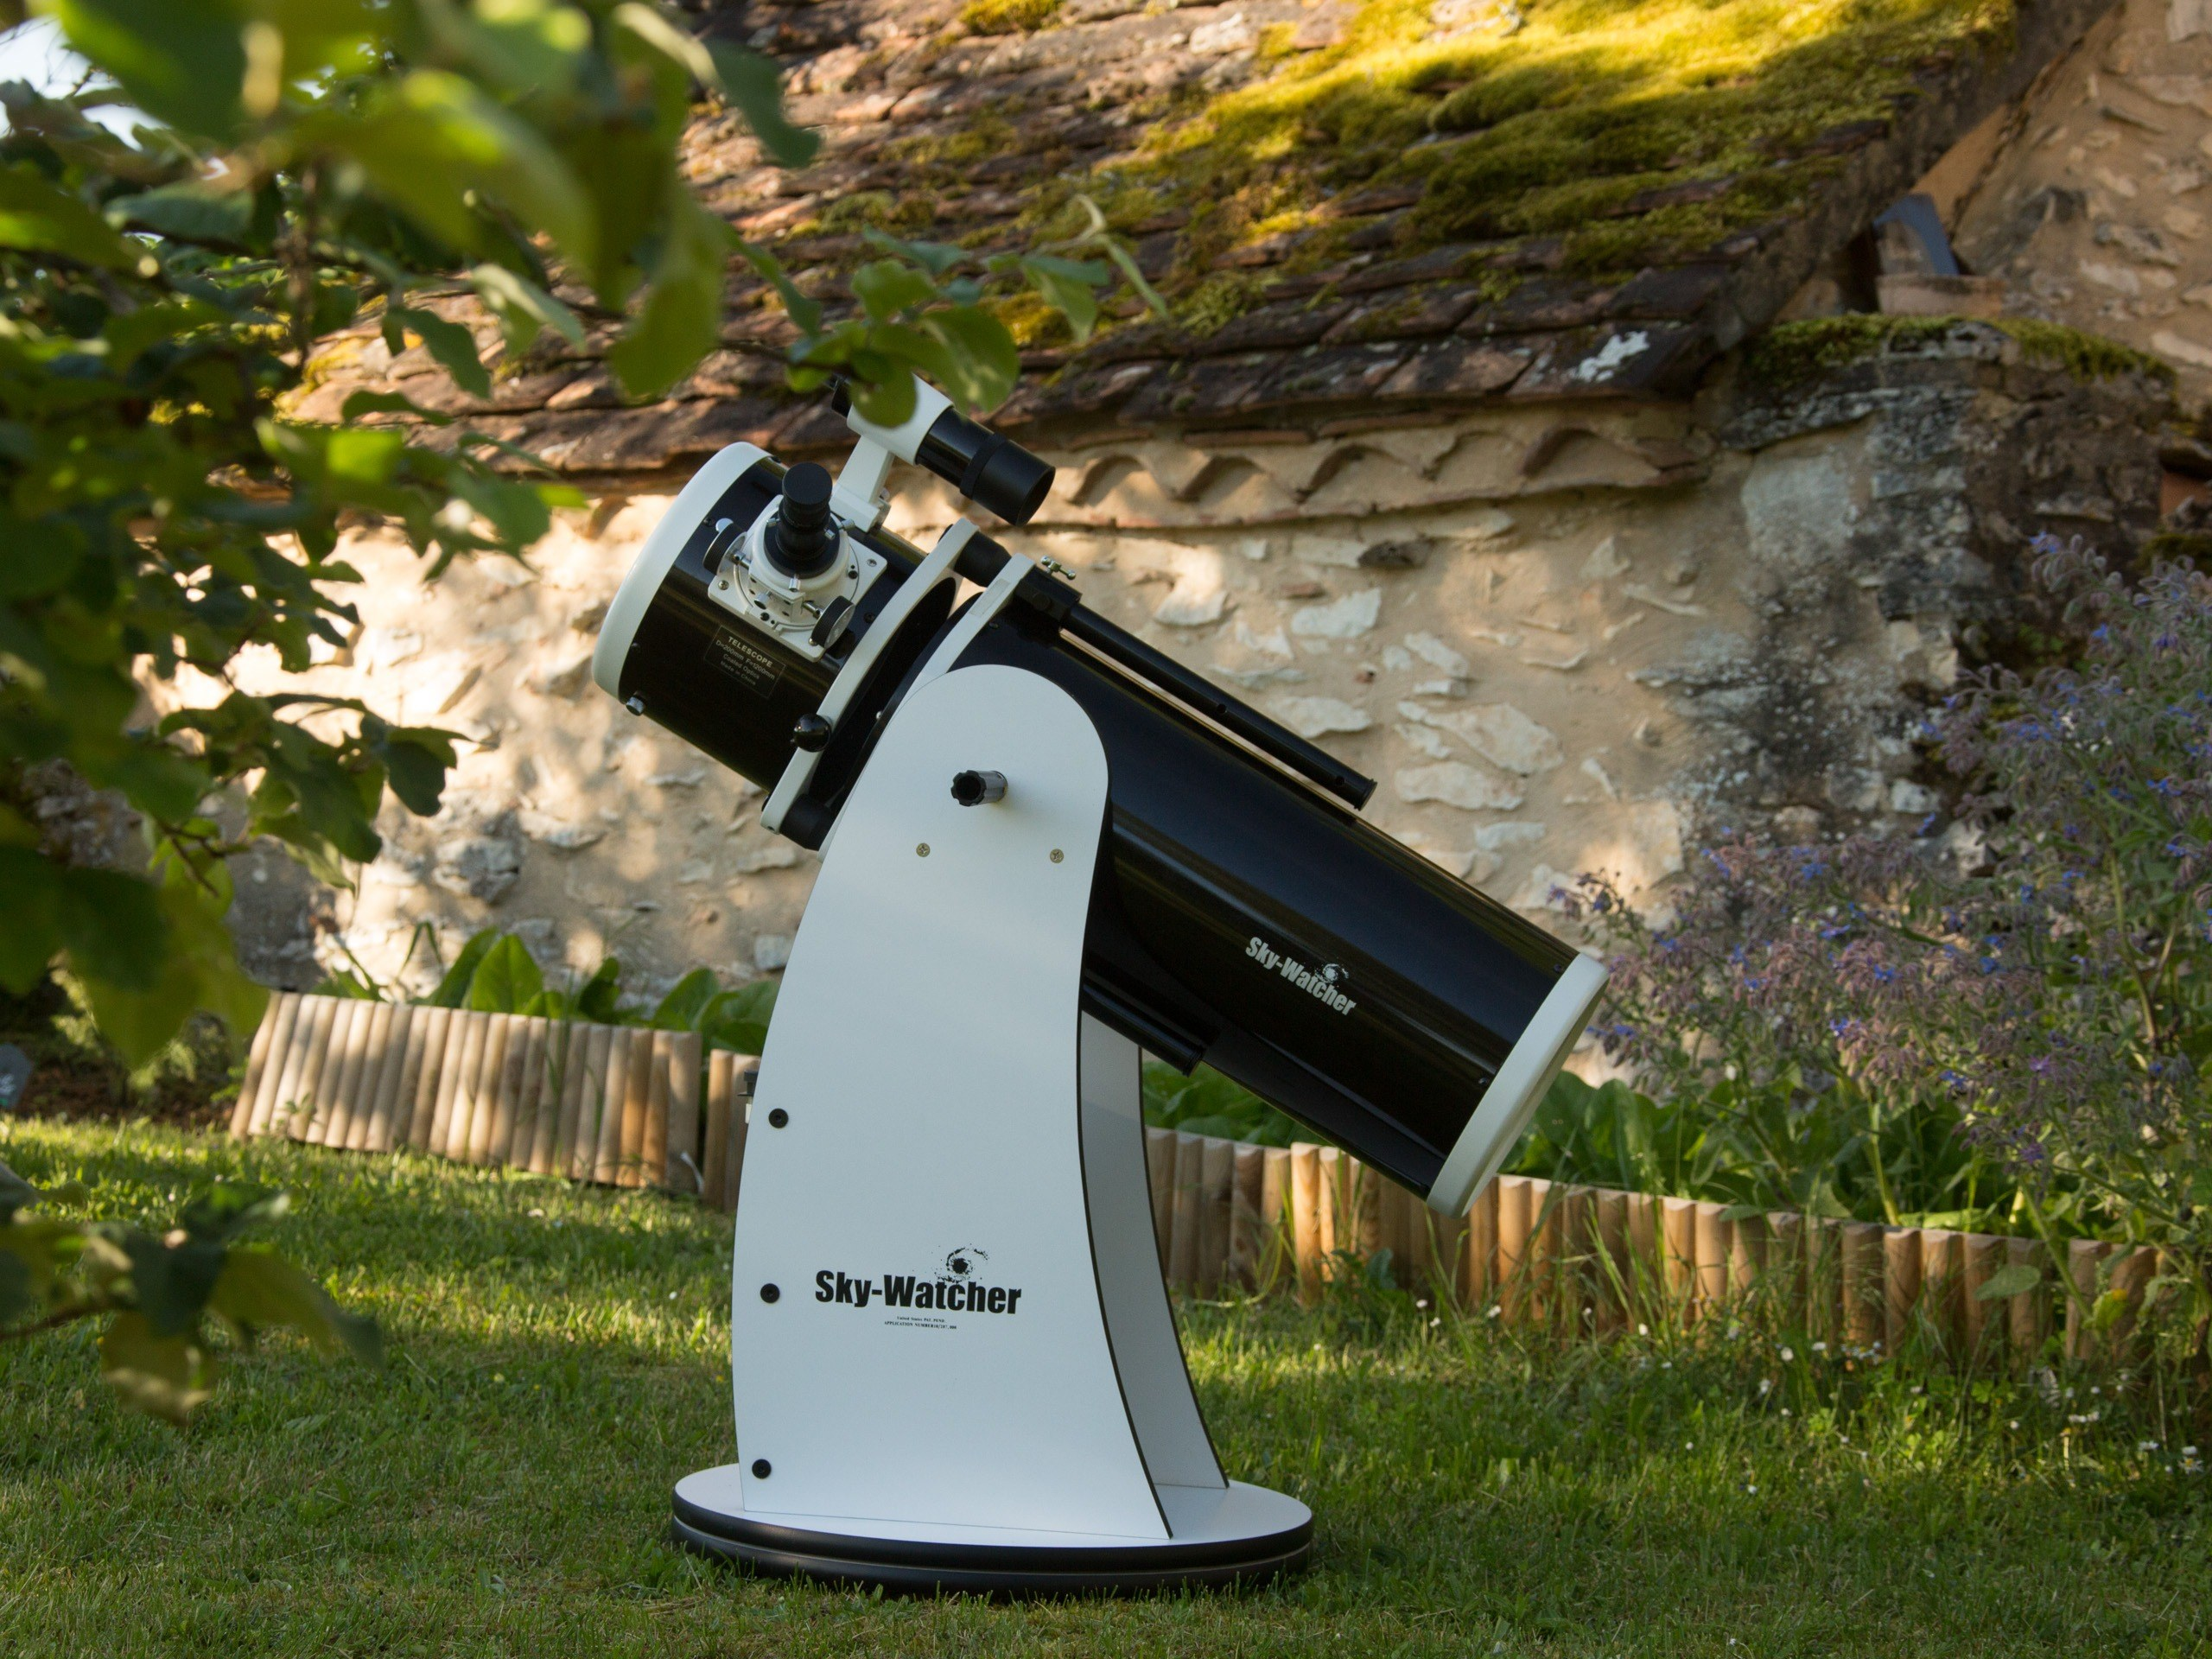 observation du ciel étoilé à Bel air